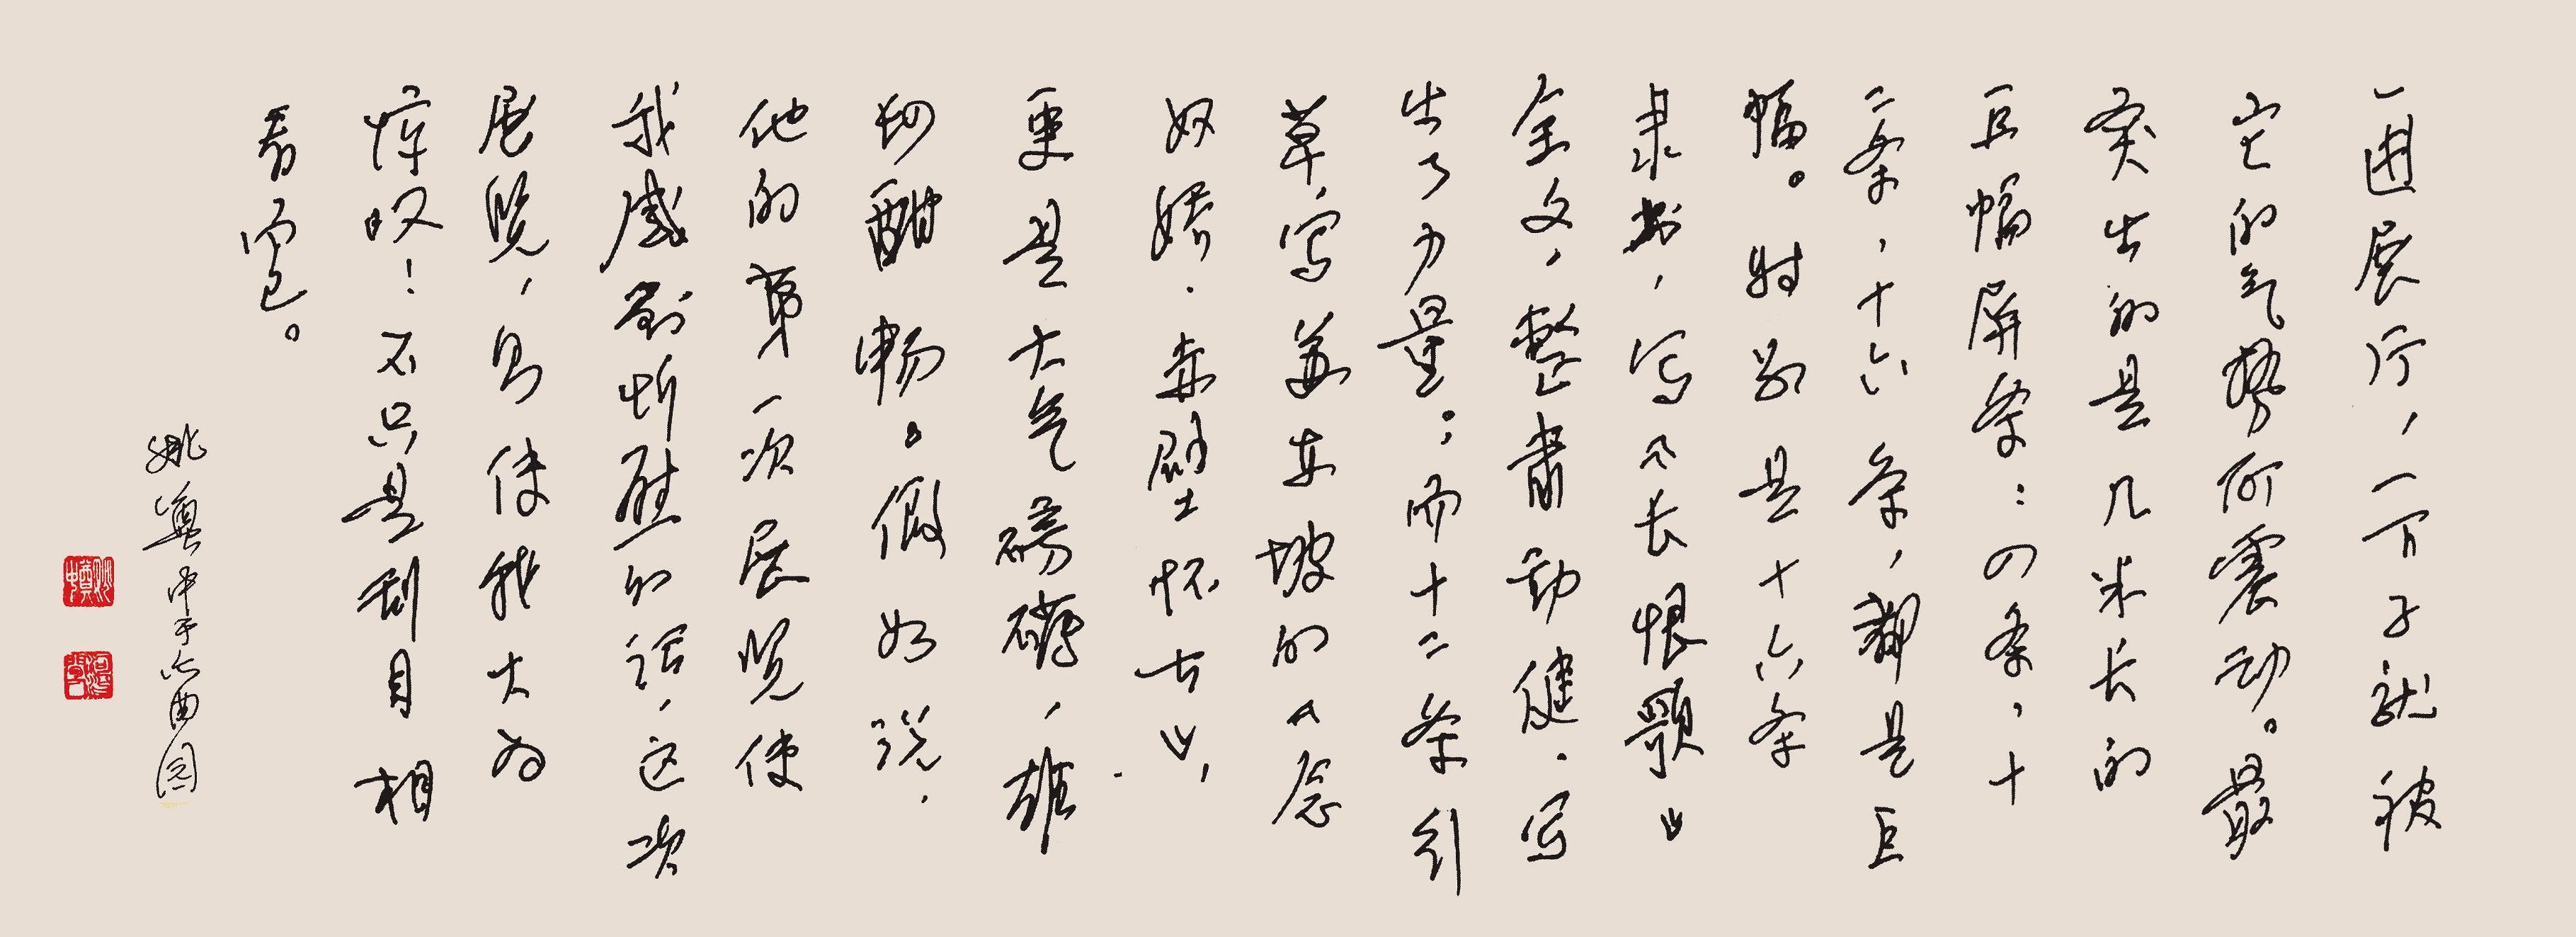 特别是十六条隶书,写长恨歌全文,整肃动健,写出了力量;而十二条行草字